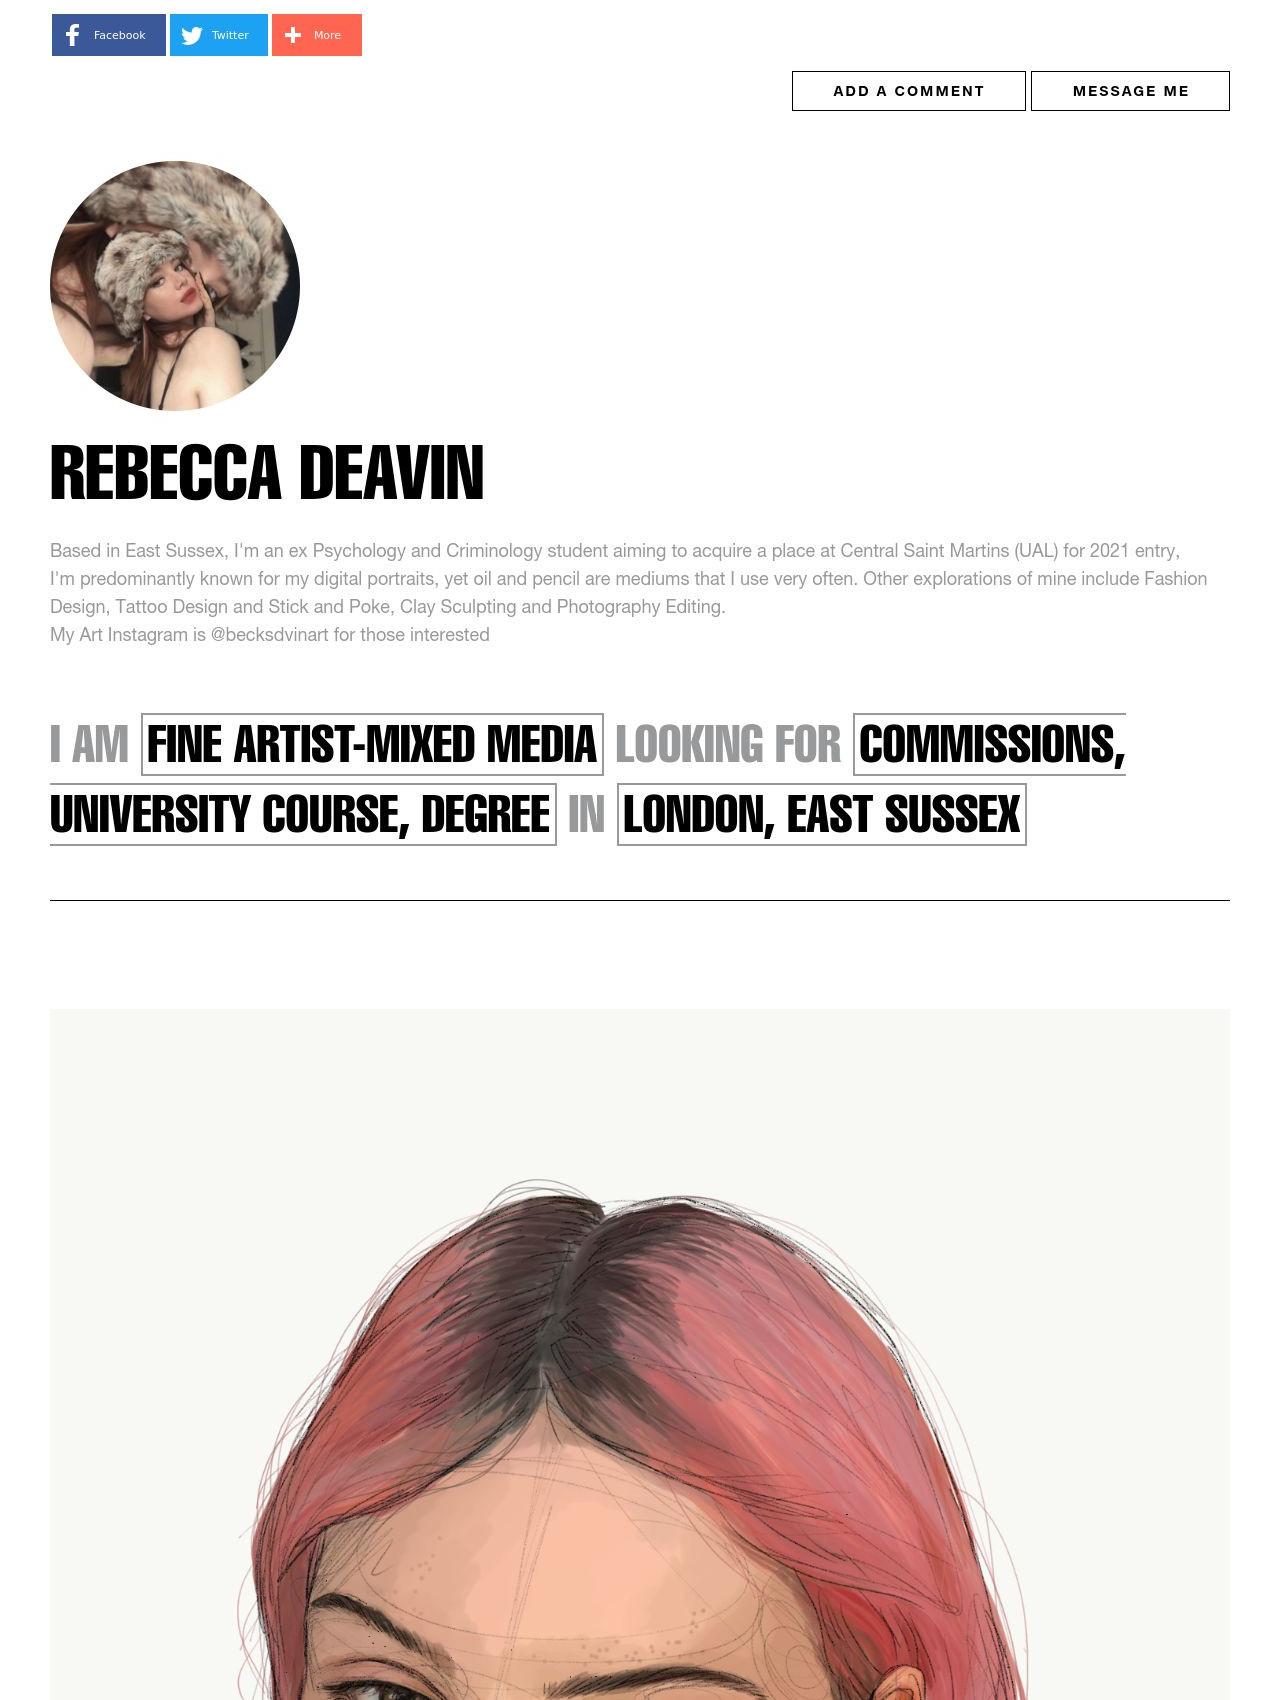 Rebecca Deavin